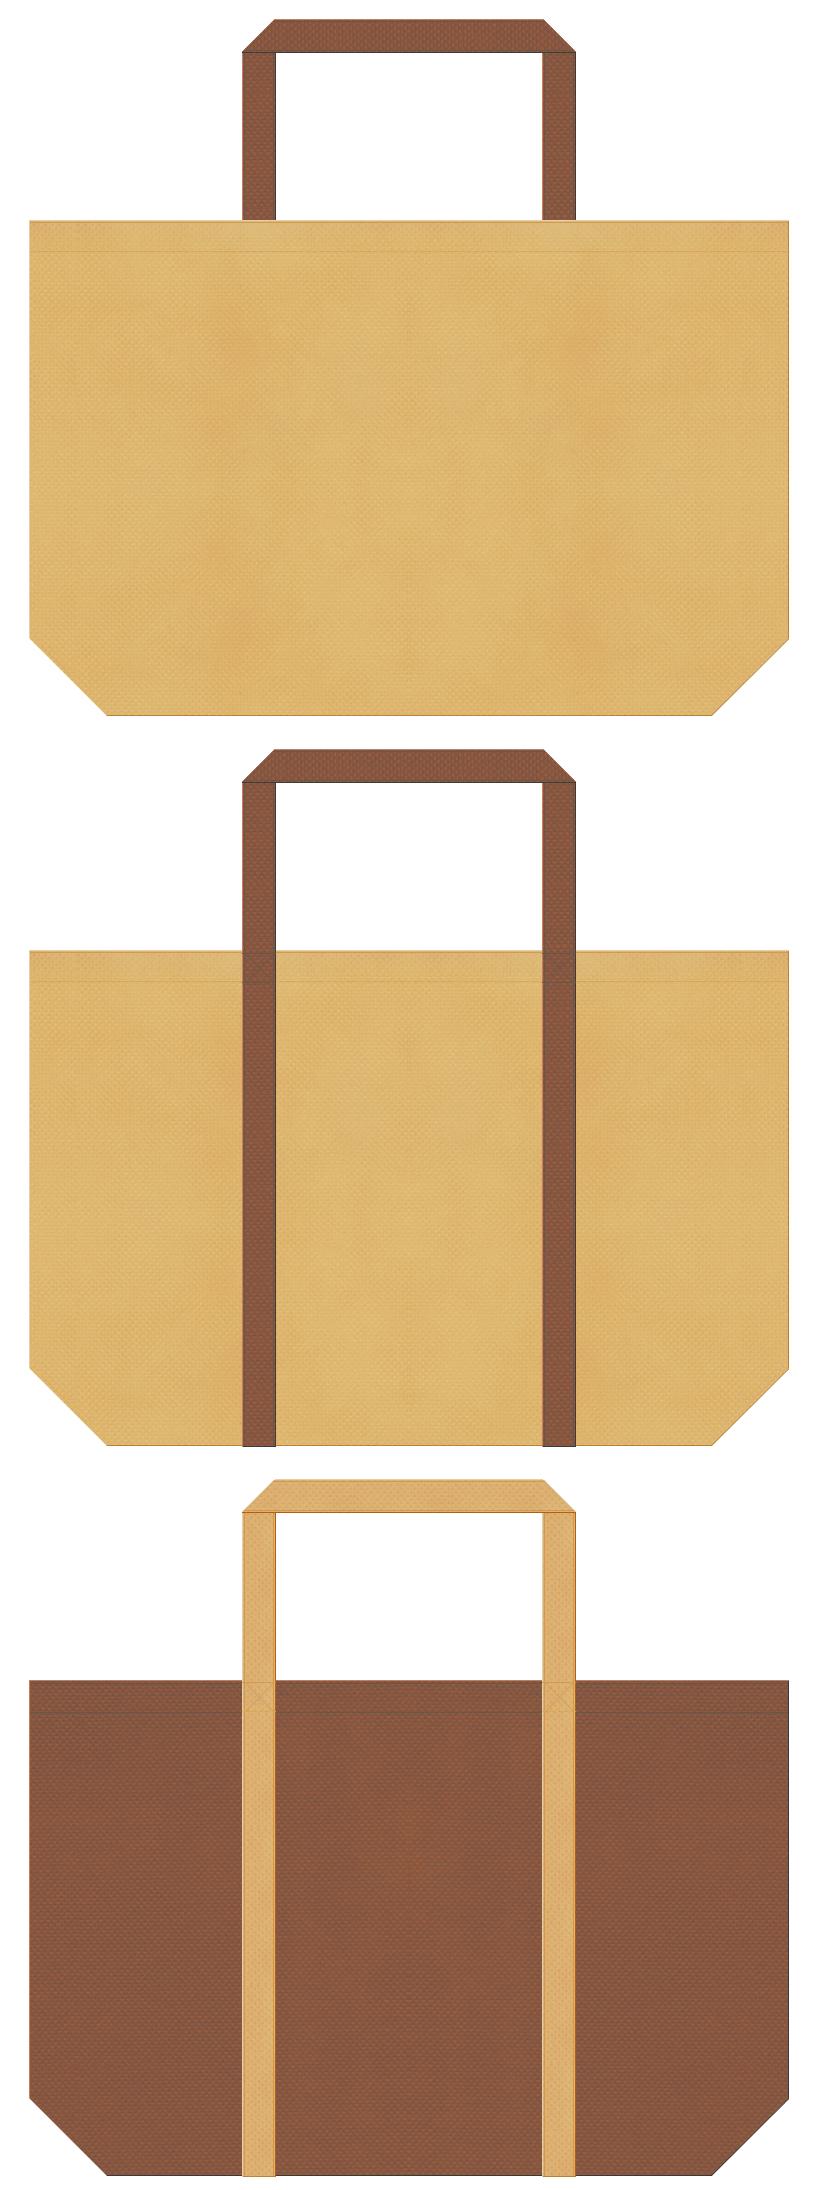 薄黄土色と茶色の不織布バッグデザイン。クッキー・ぬいぐるみのイメージにお奨めの配色です。